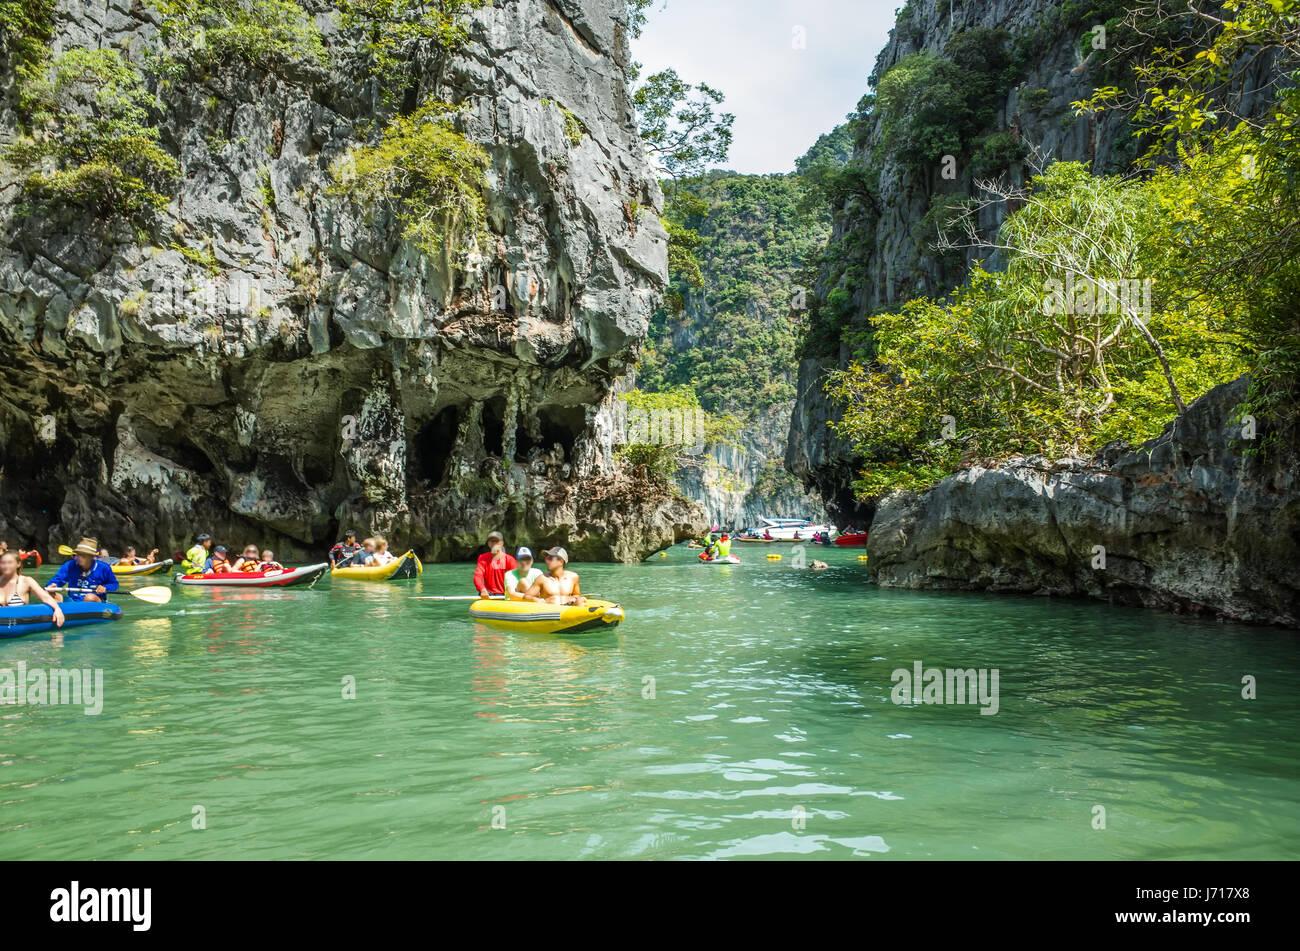 Kayaks on the Islands of Phuket, Thailand - Stock Image